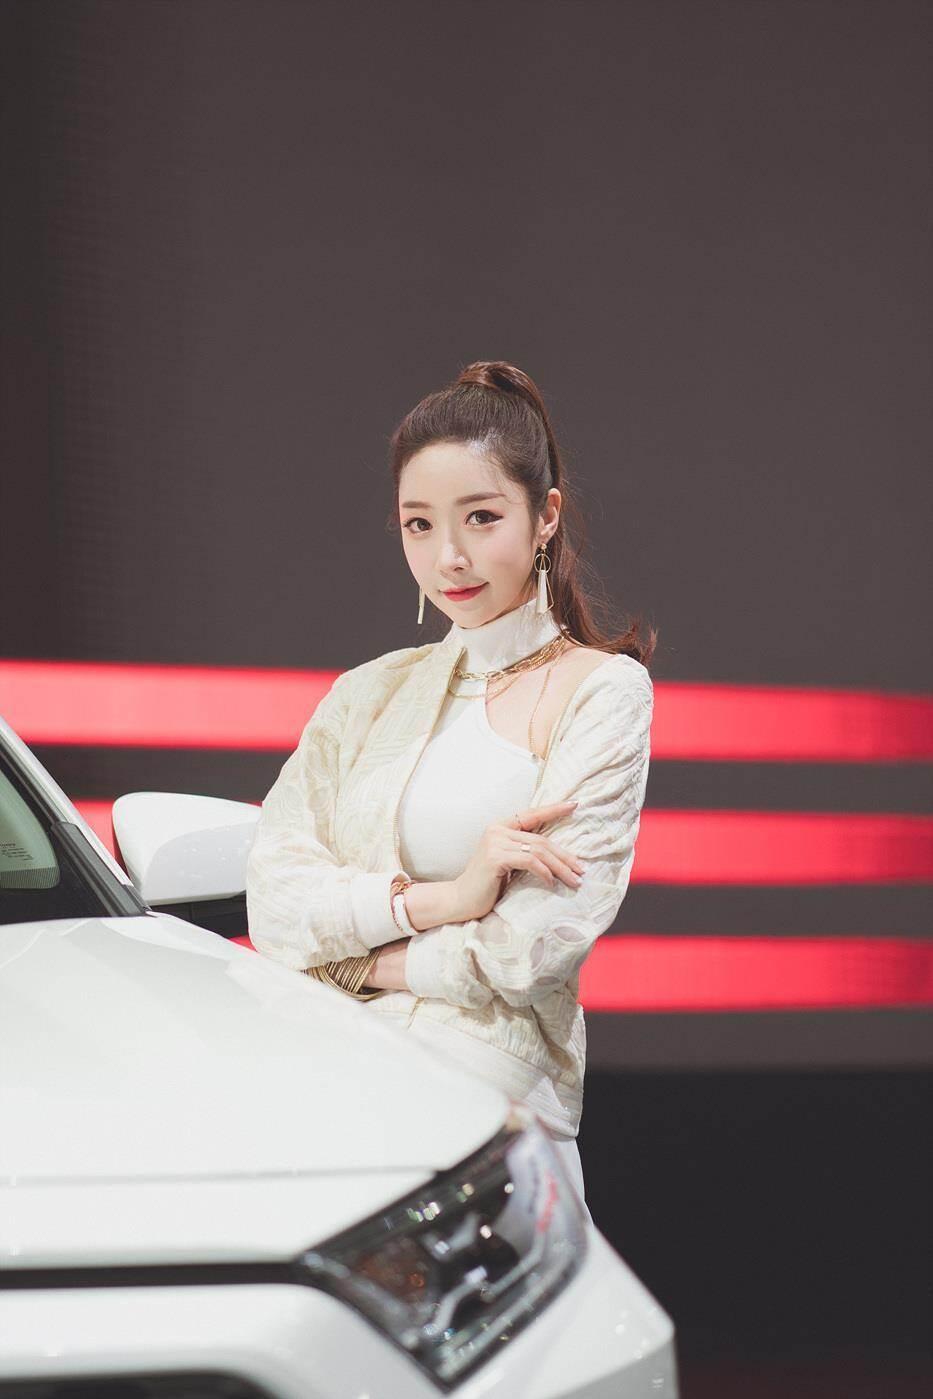 Một số hình ảnh đẹp khác của siêu mẫu Yu Da Som